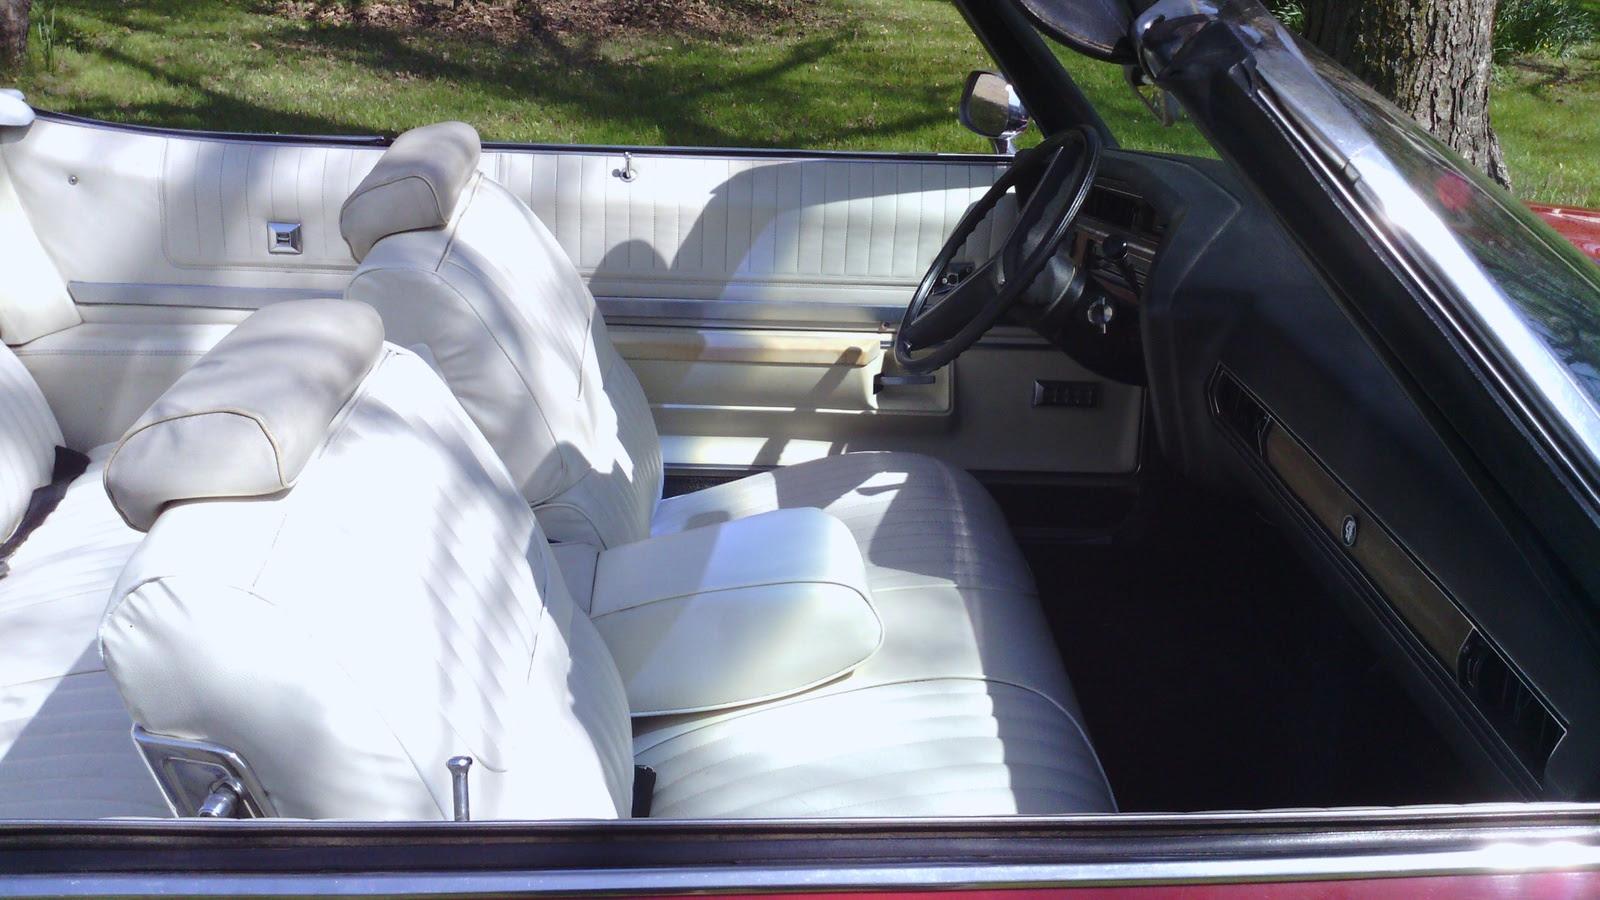 1972 Buick LeSabre - Interior Pictures - CarGurus